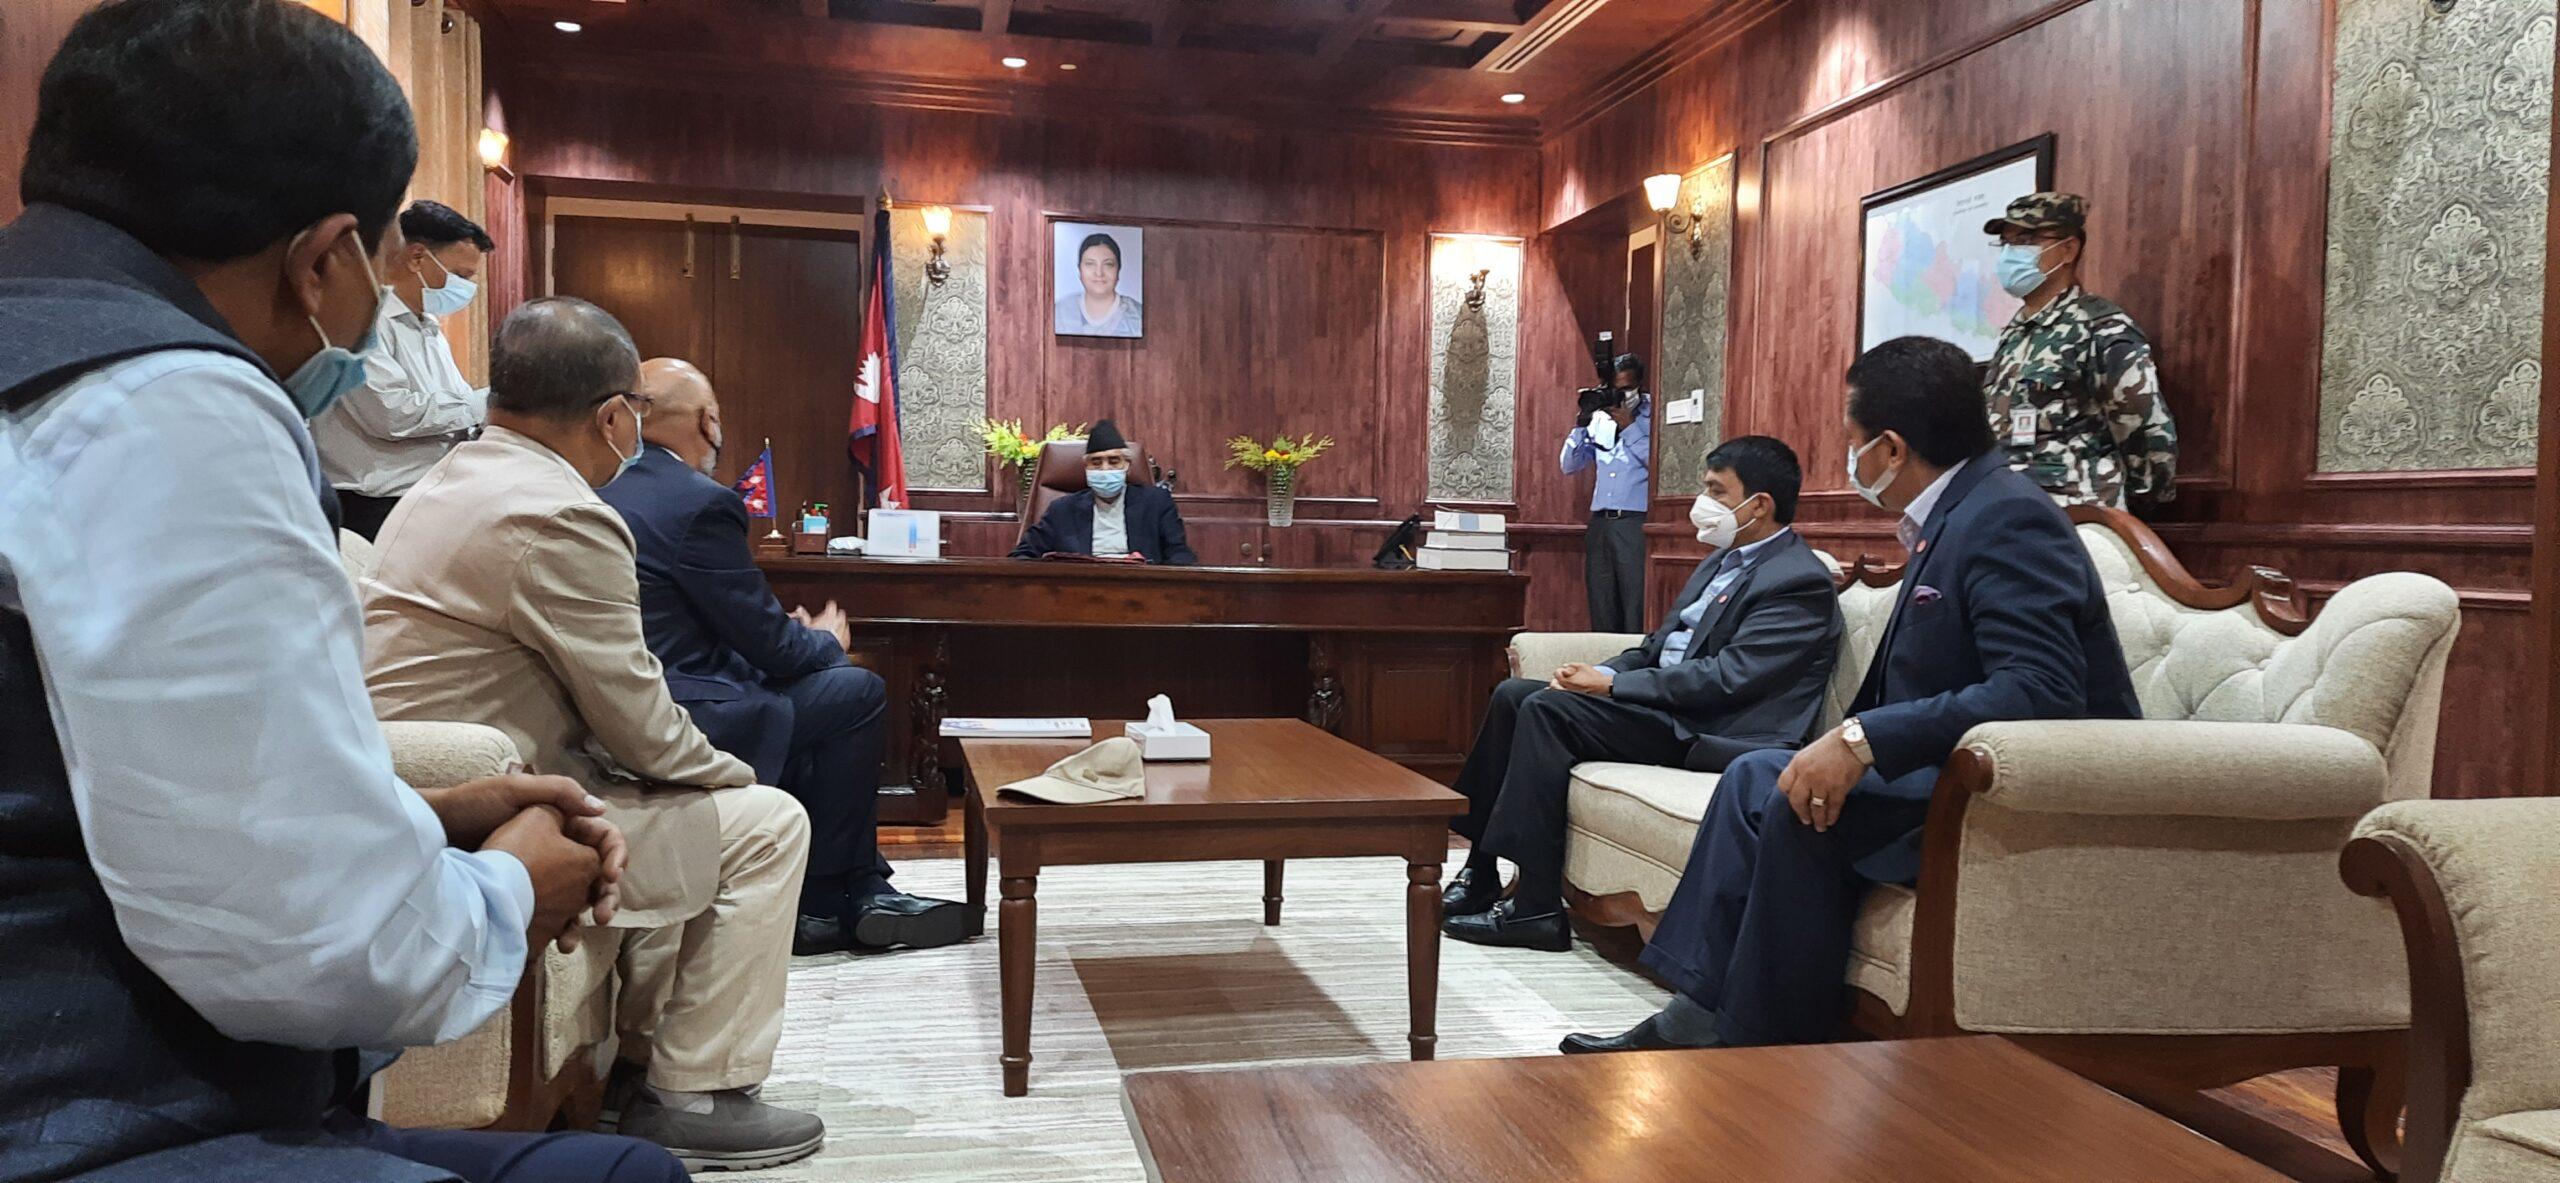 नवनियुक्त प्रधानमन्त्री शेरबहादुर देउवालाई नेपाल उद्योग वाणिज्य महासंघका प्रतिनिधीले  भेटे